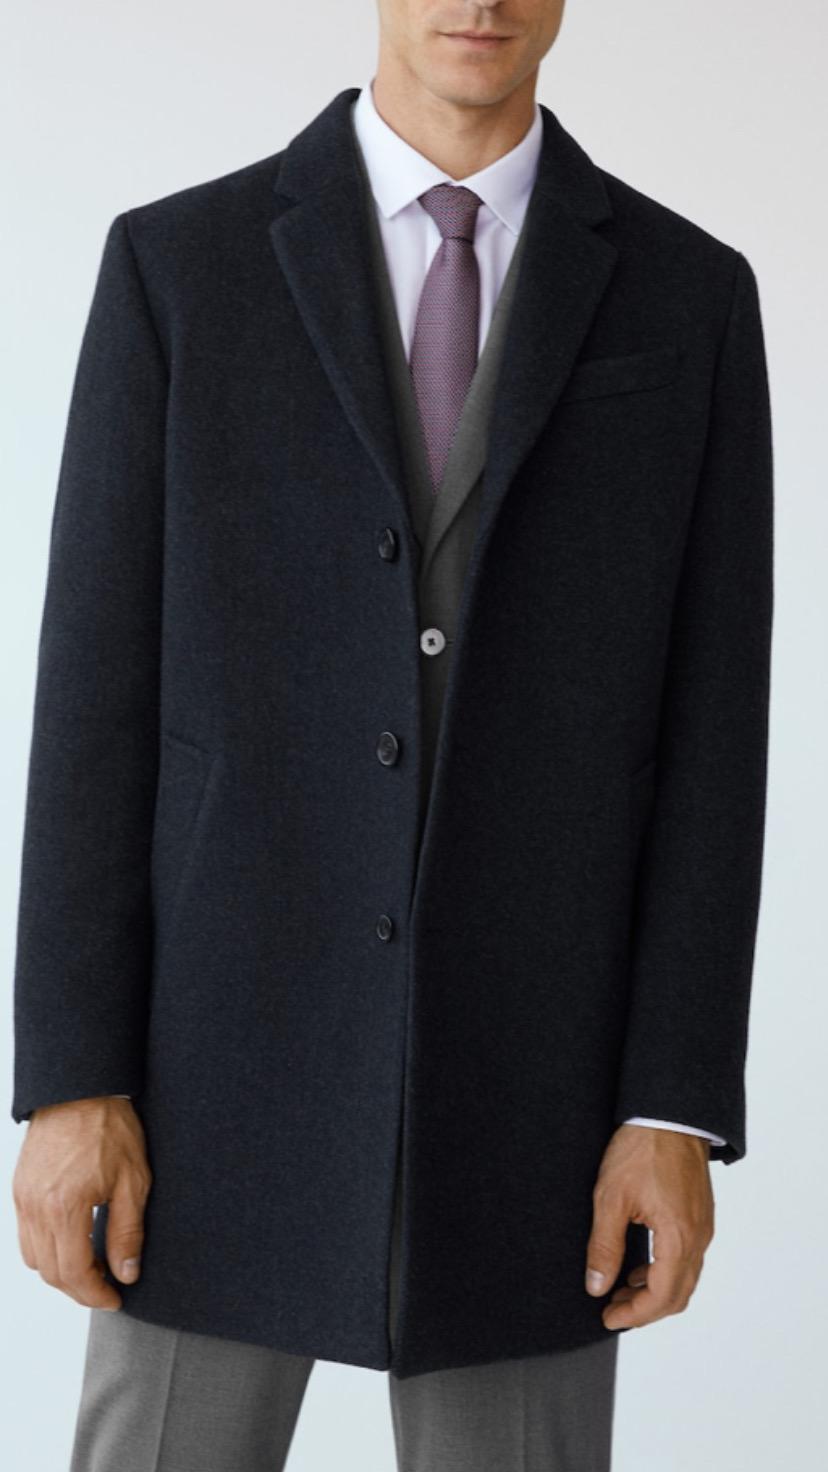 Kalıplı yün Tailored palto. Yeni!  Tailored ürün koleksiyonu. Karma yün kumaşlı. Desenli kumaş. Uzun model. Klasik yakalı. Uzun kollu. İki yan şerit cepli. Göğsü şerit cepli. Düğmeli. Astarlı. İç cepli.